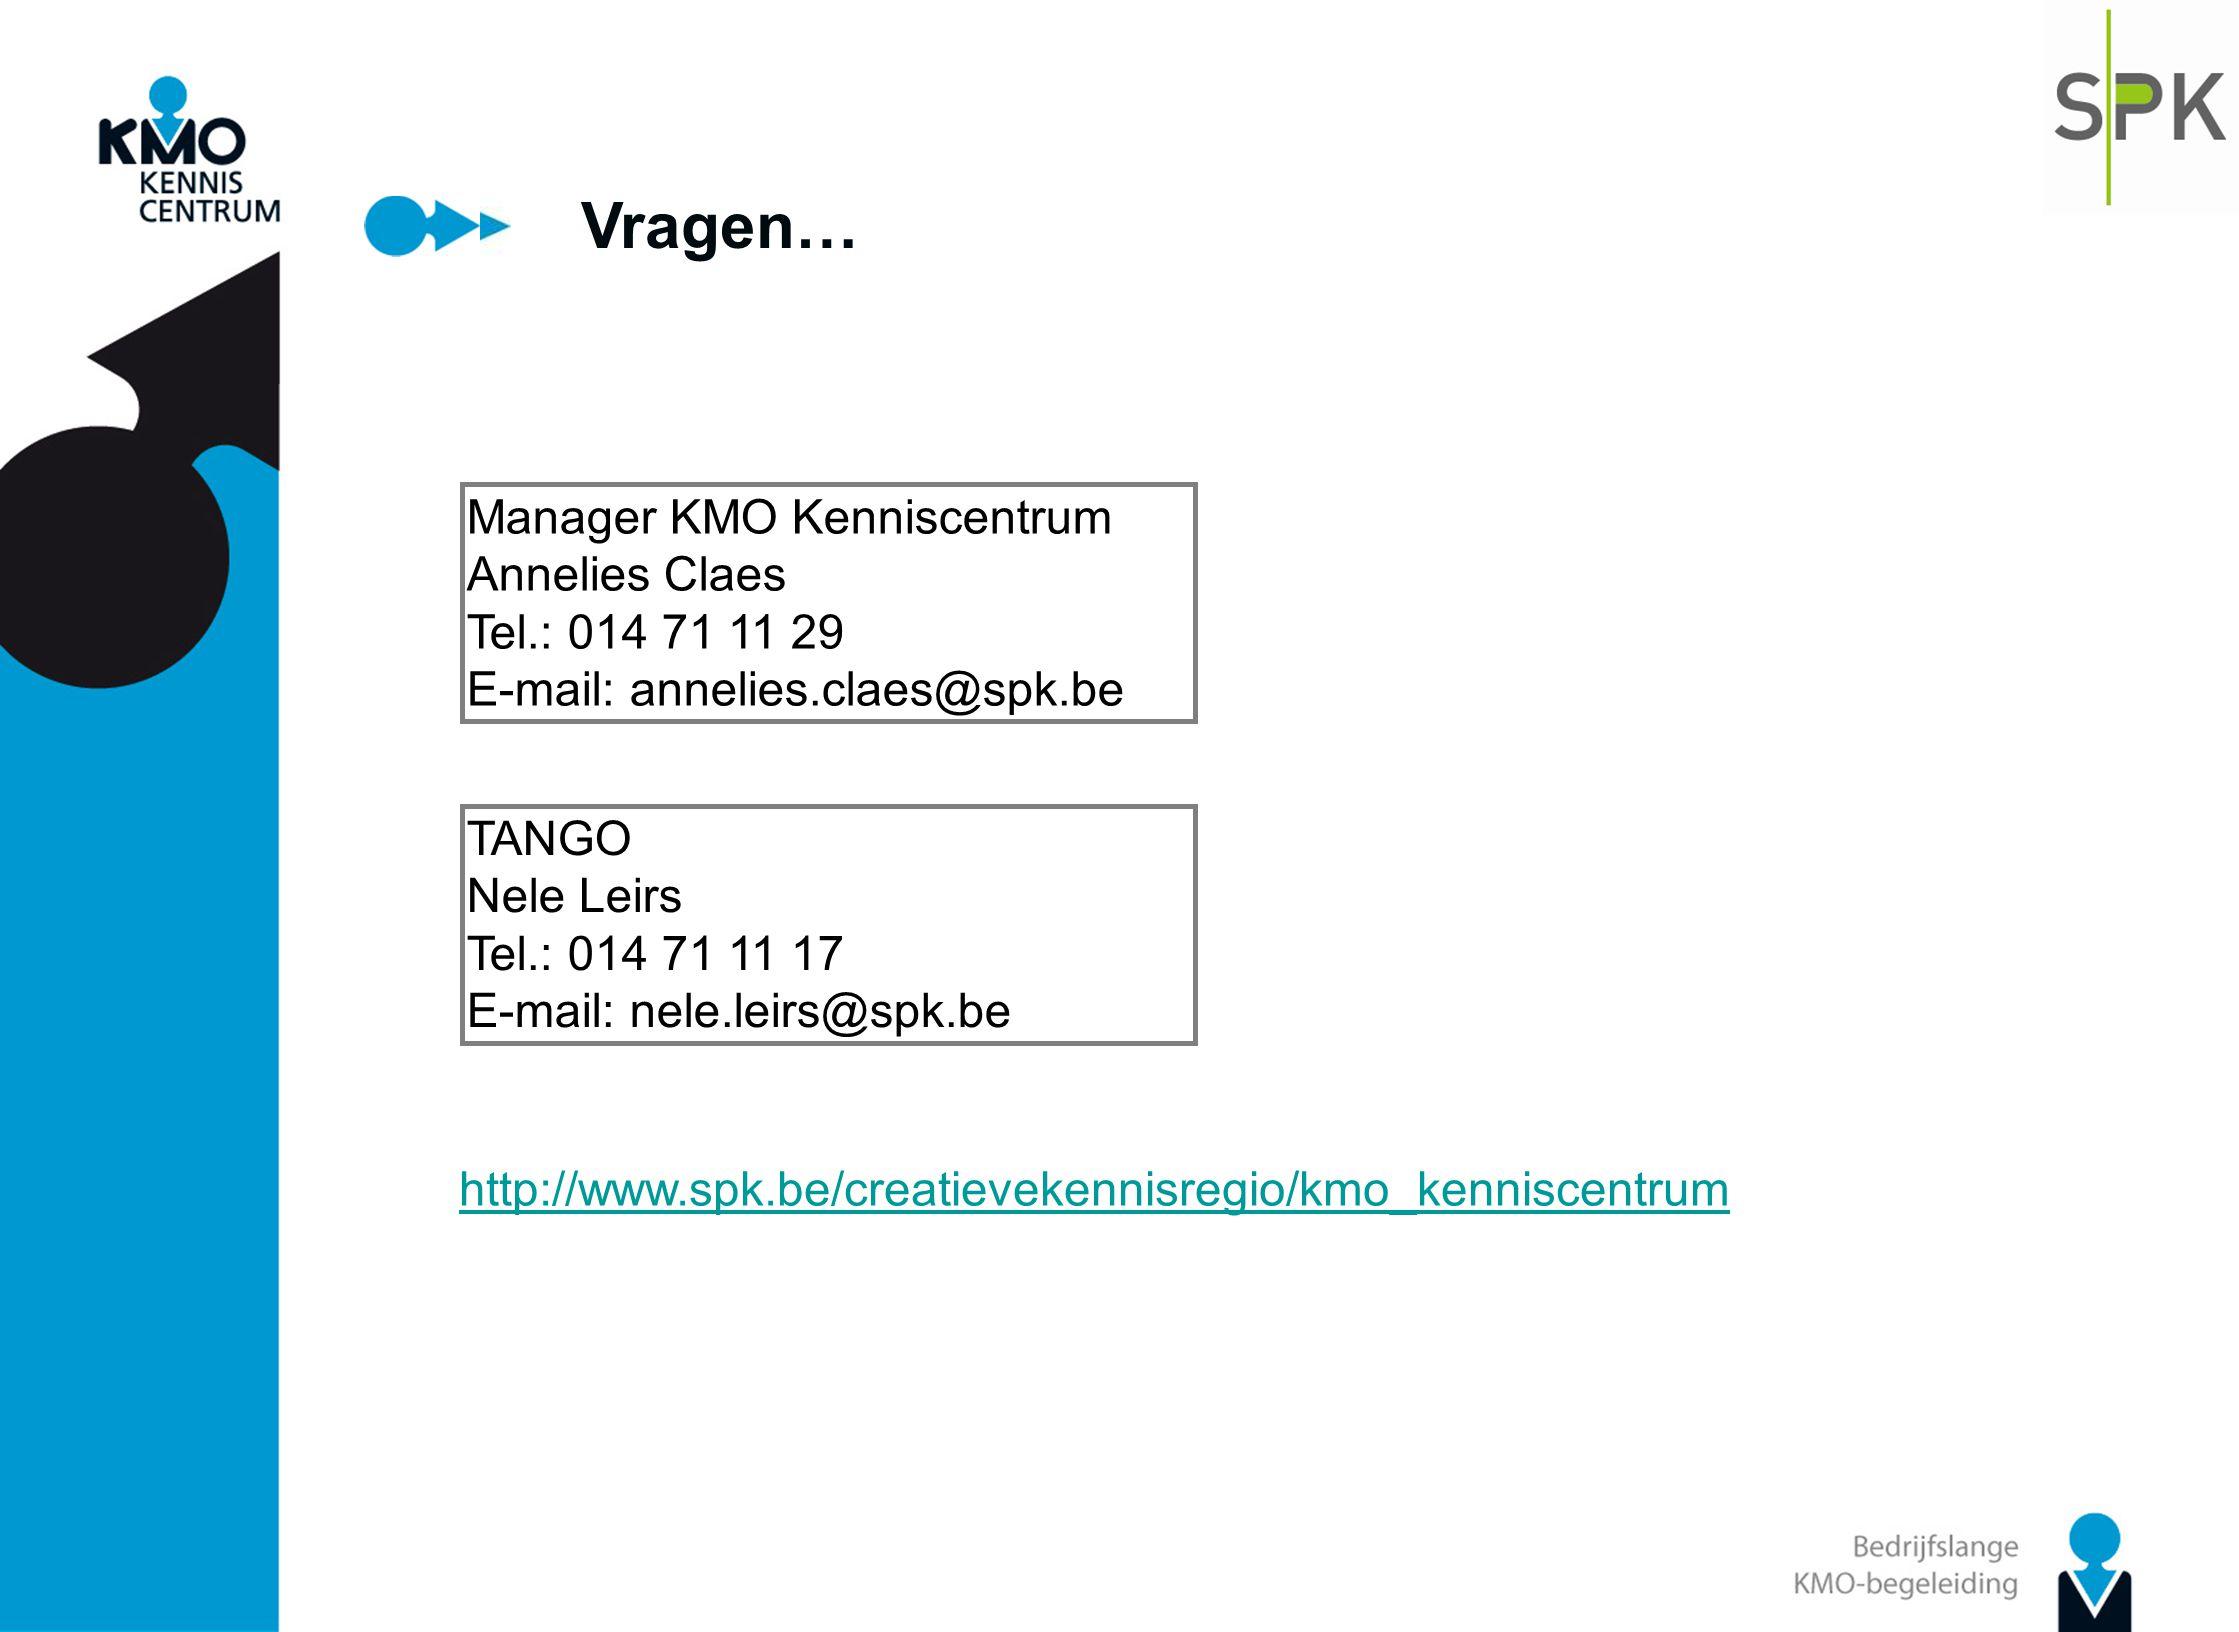 Vragen… Manager KMO Kenniscentrum Annelies Claes Tel.: 014 71 11 29 E-mail: annelies.claes@spk.be TANGO Nele Leirs Tel.: 014 71 11 17 E-mail: nele.lei